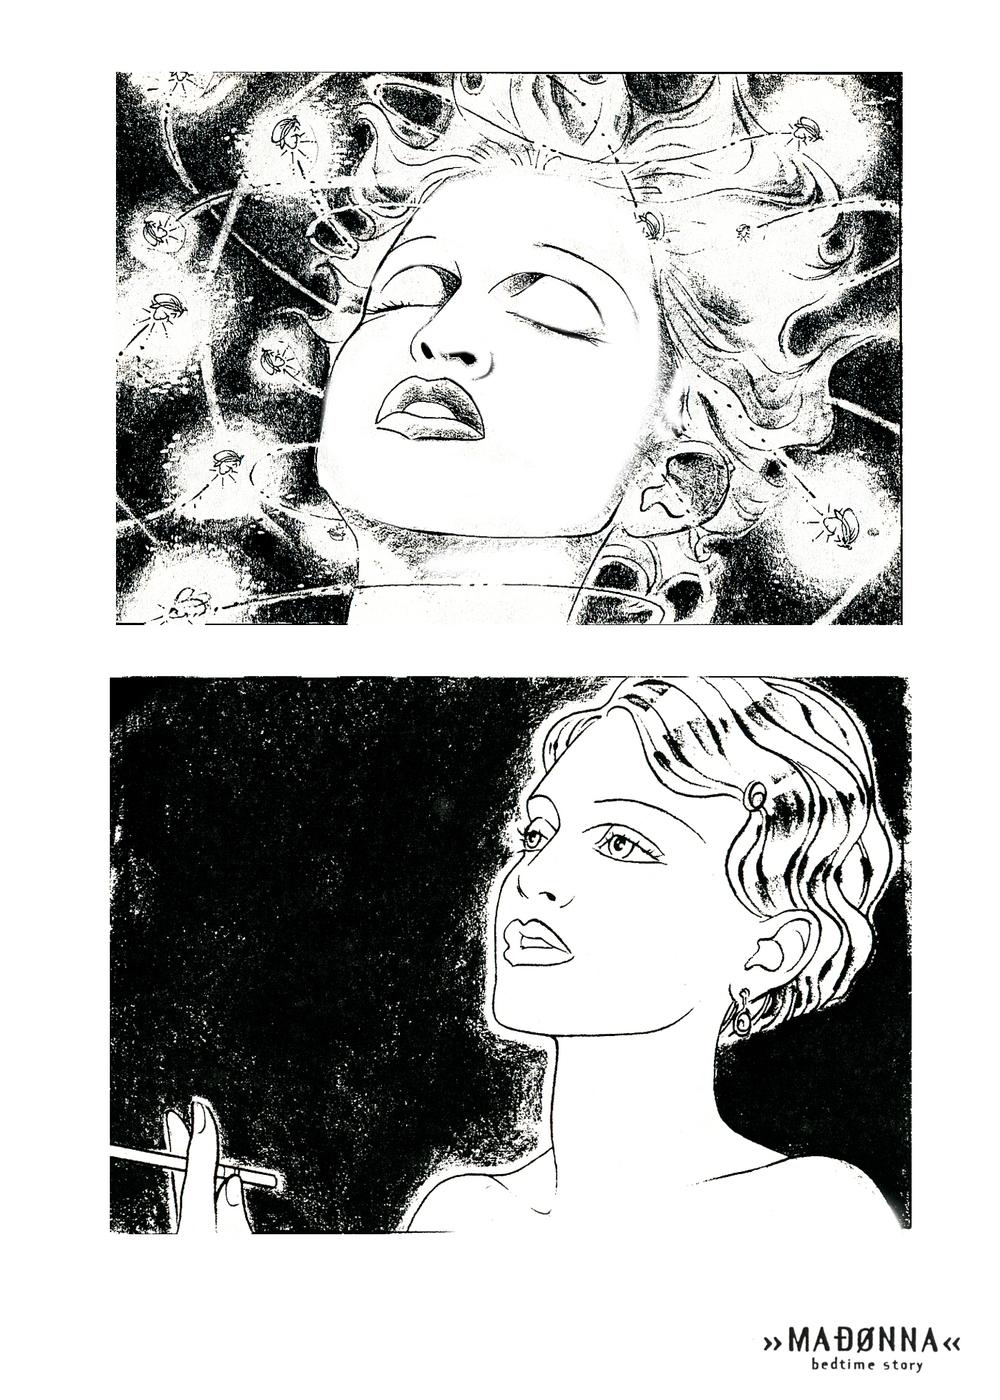 Madonna Bedtime 6.jpg